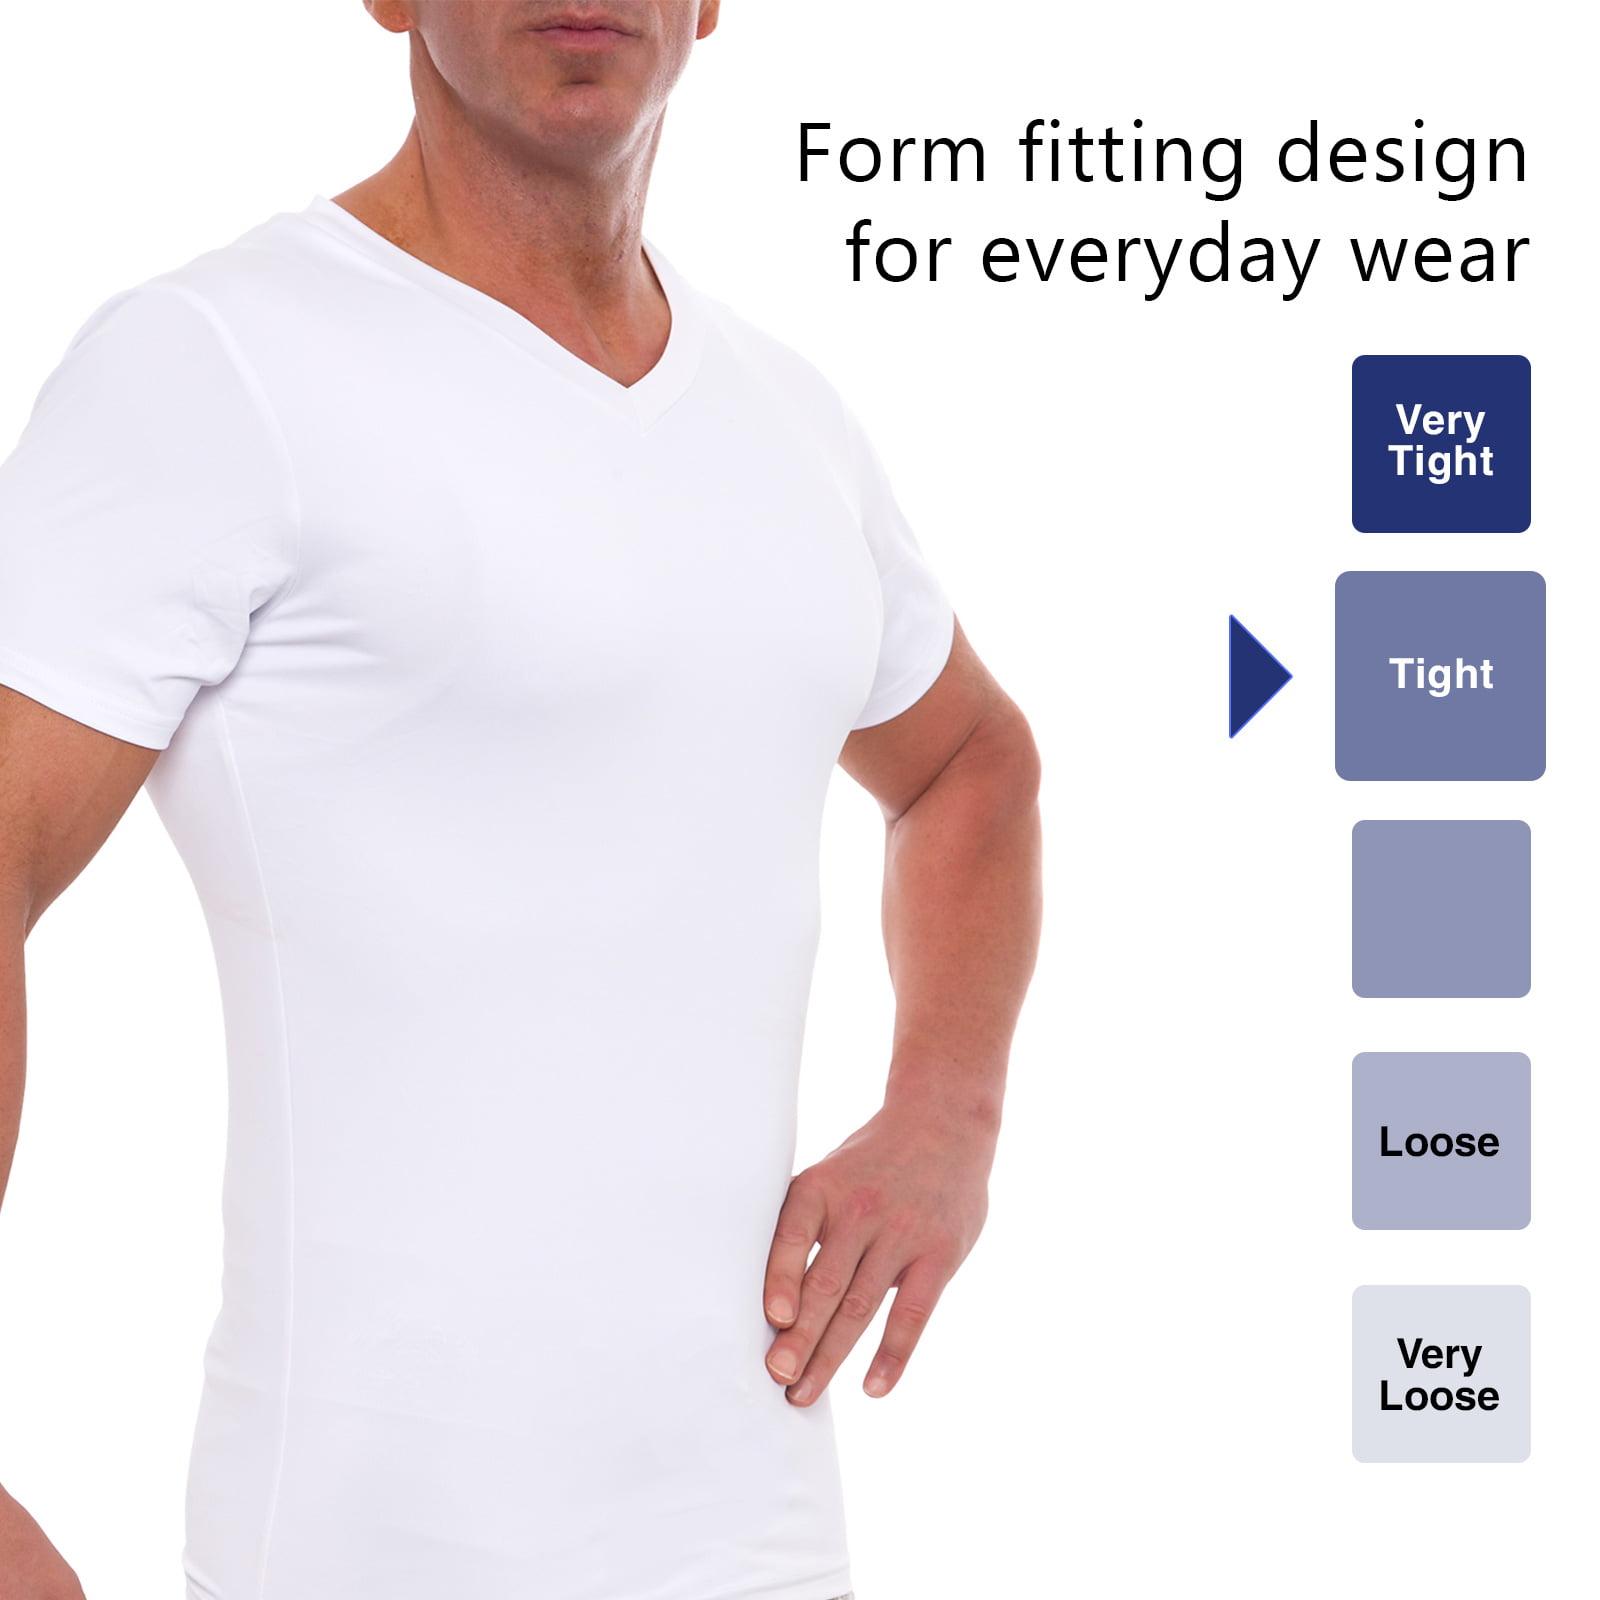 dd69a118d3113 LISH - LISH Men s Slimming Compression Body Shaper Gynecomastia V-Neck Shirt  - Walmart.com